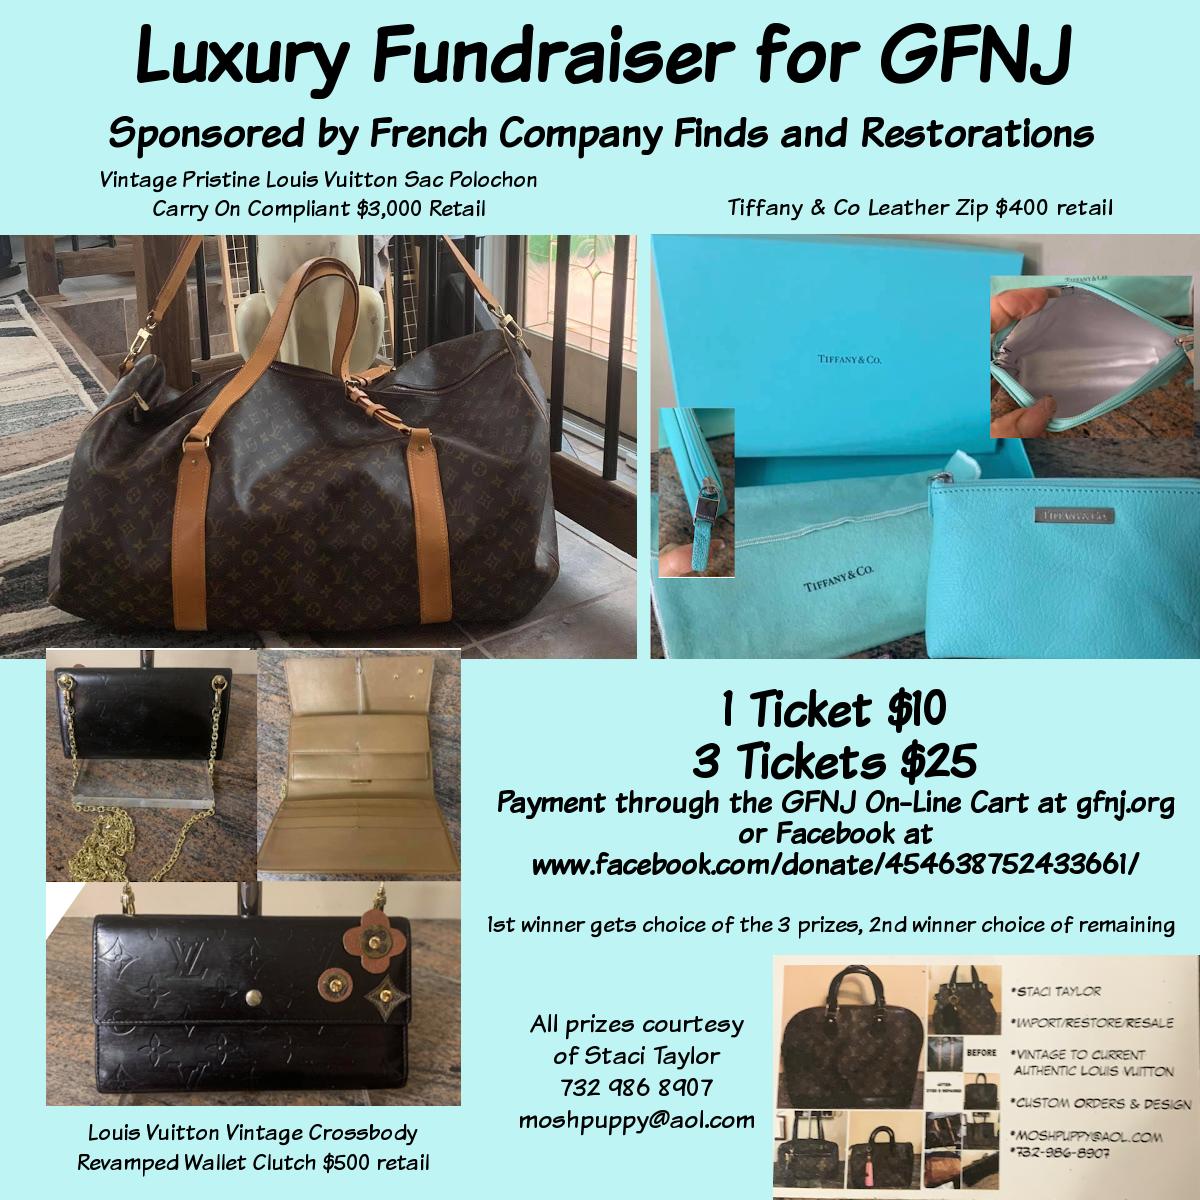 Luxury Fundraiser